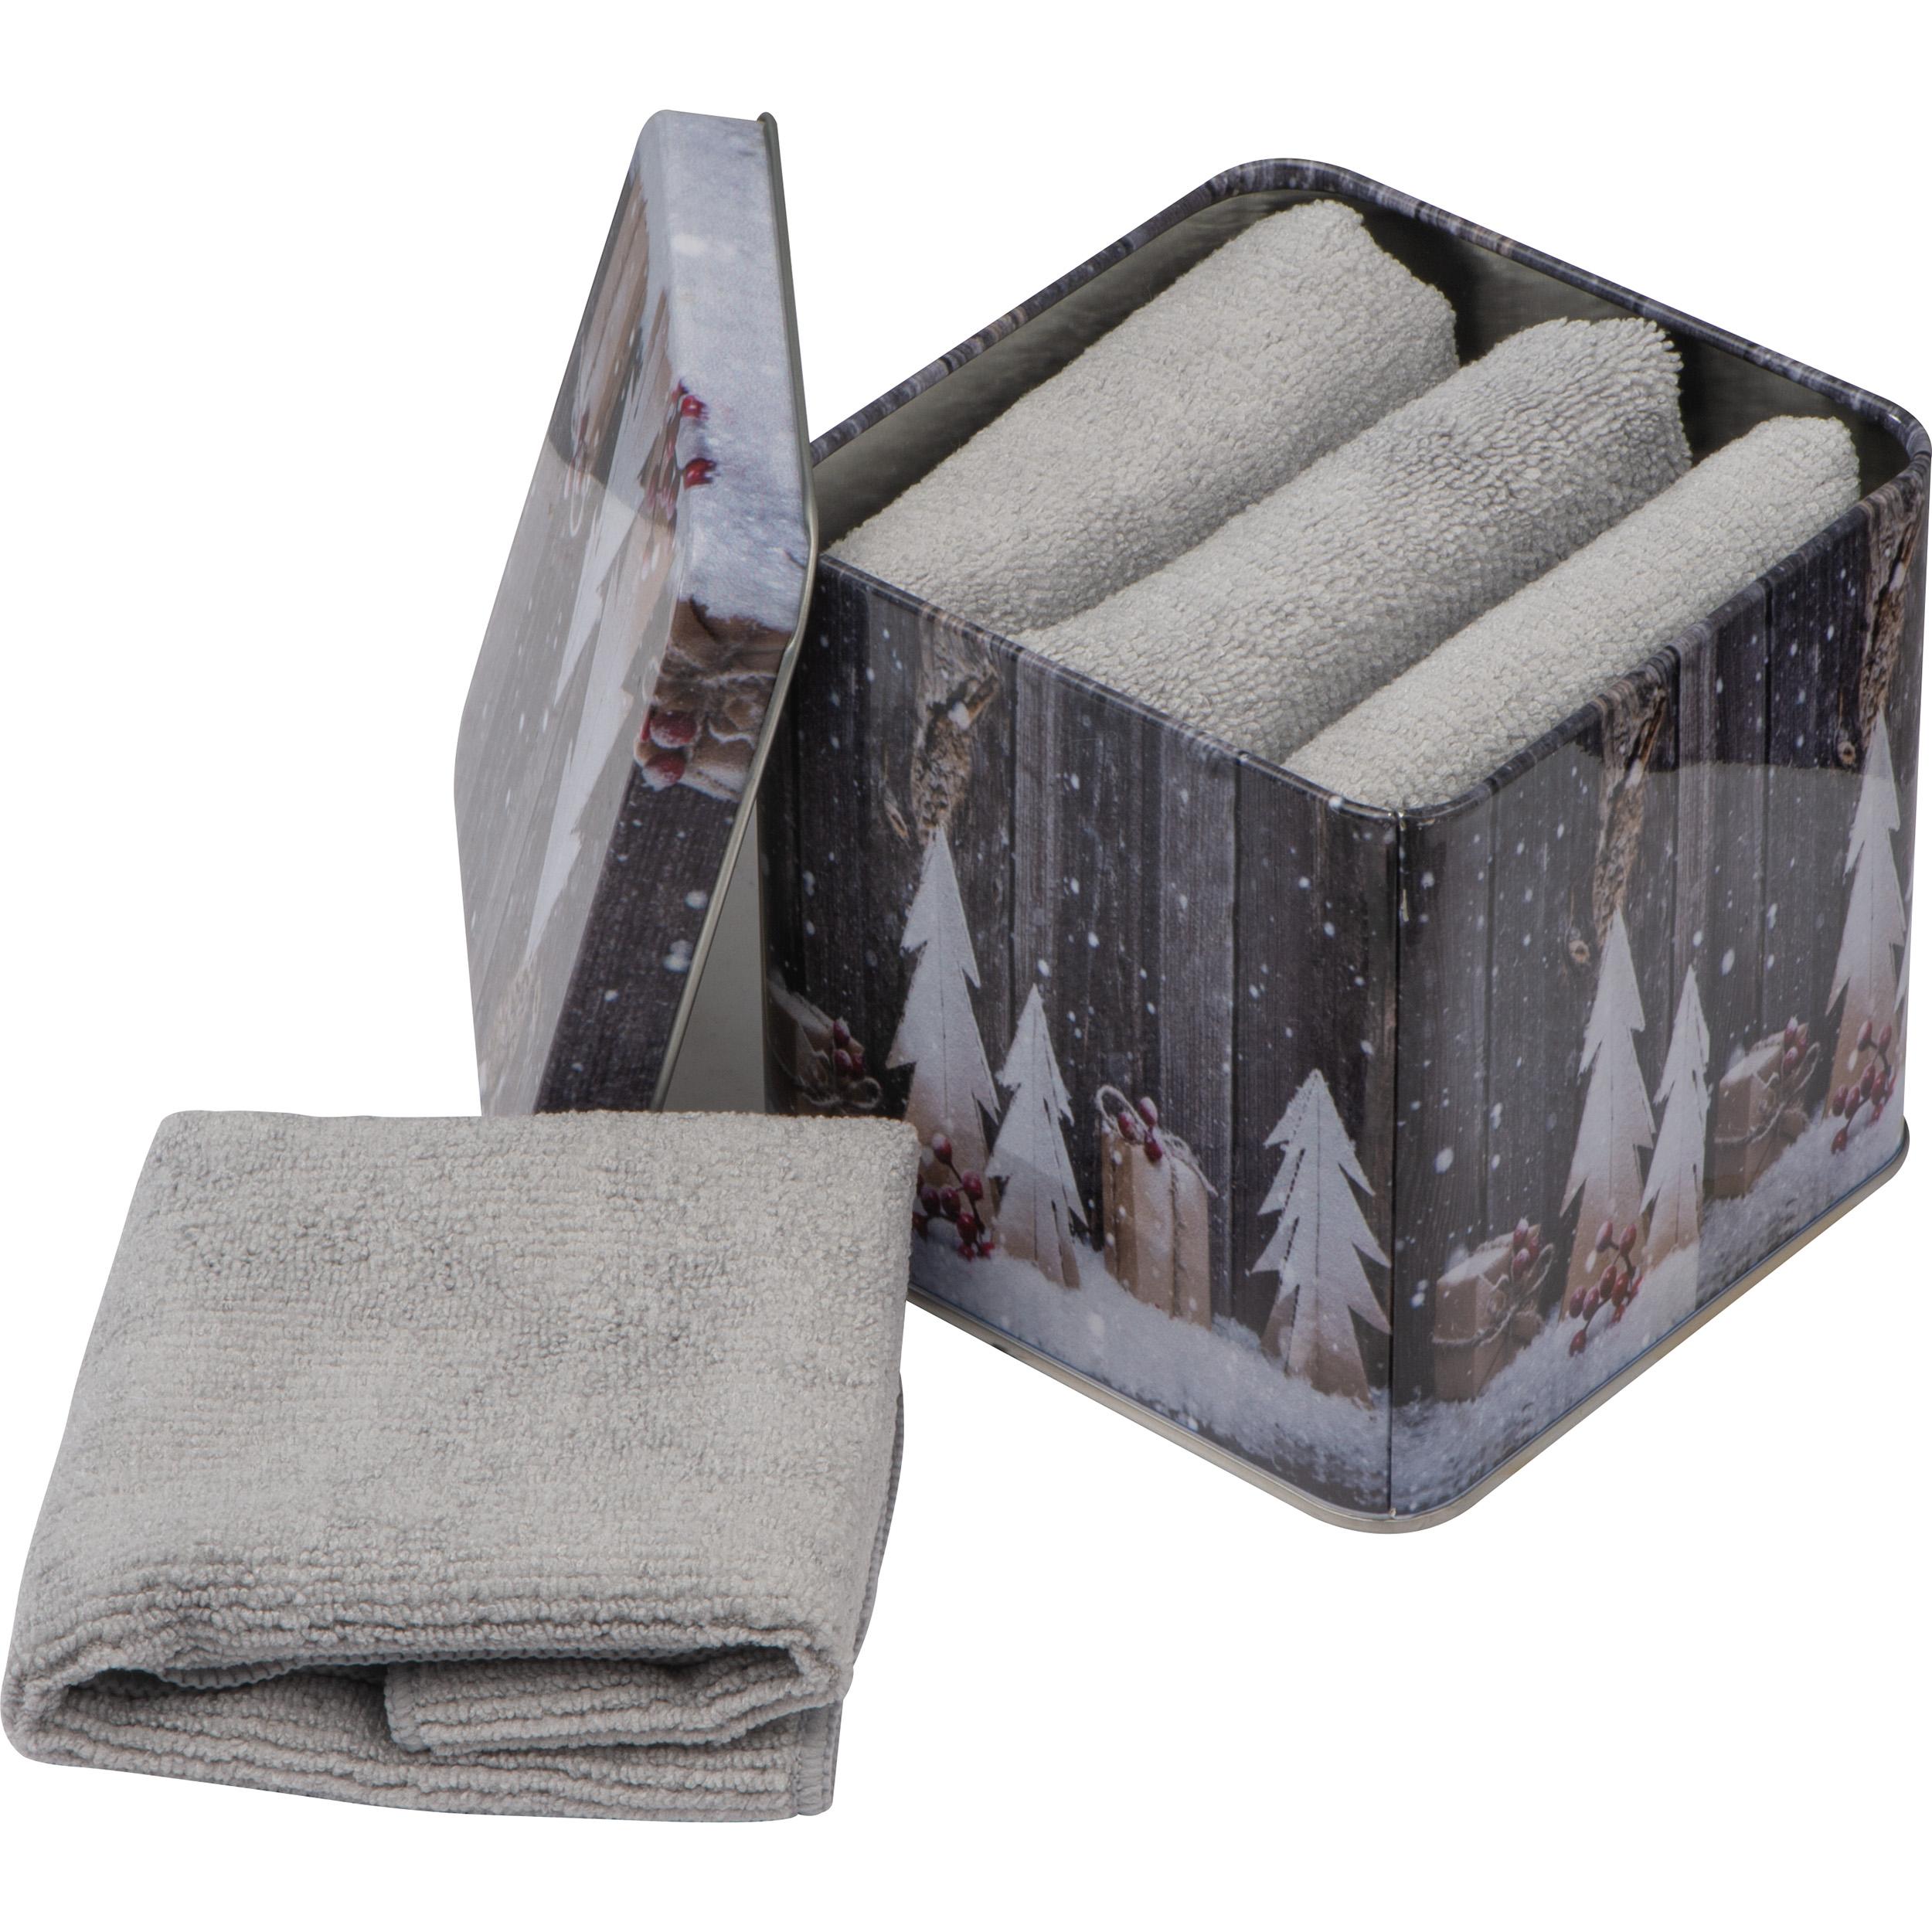 Microfibre towels in a metal box